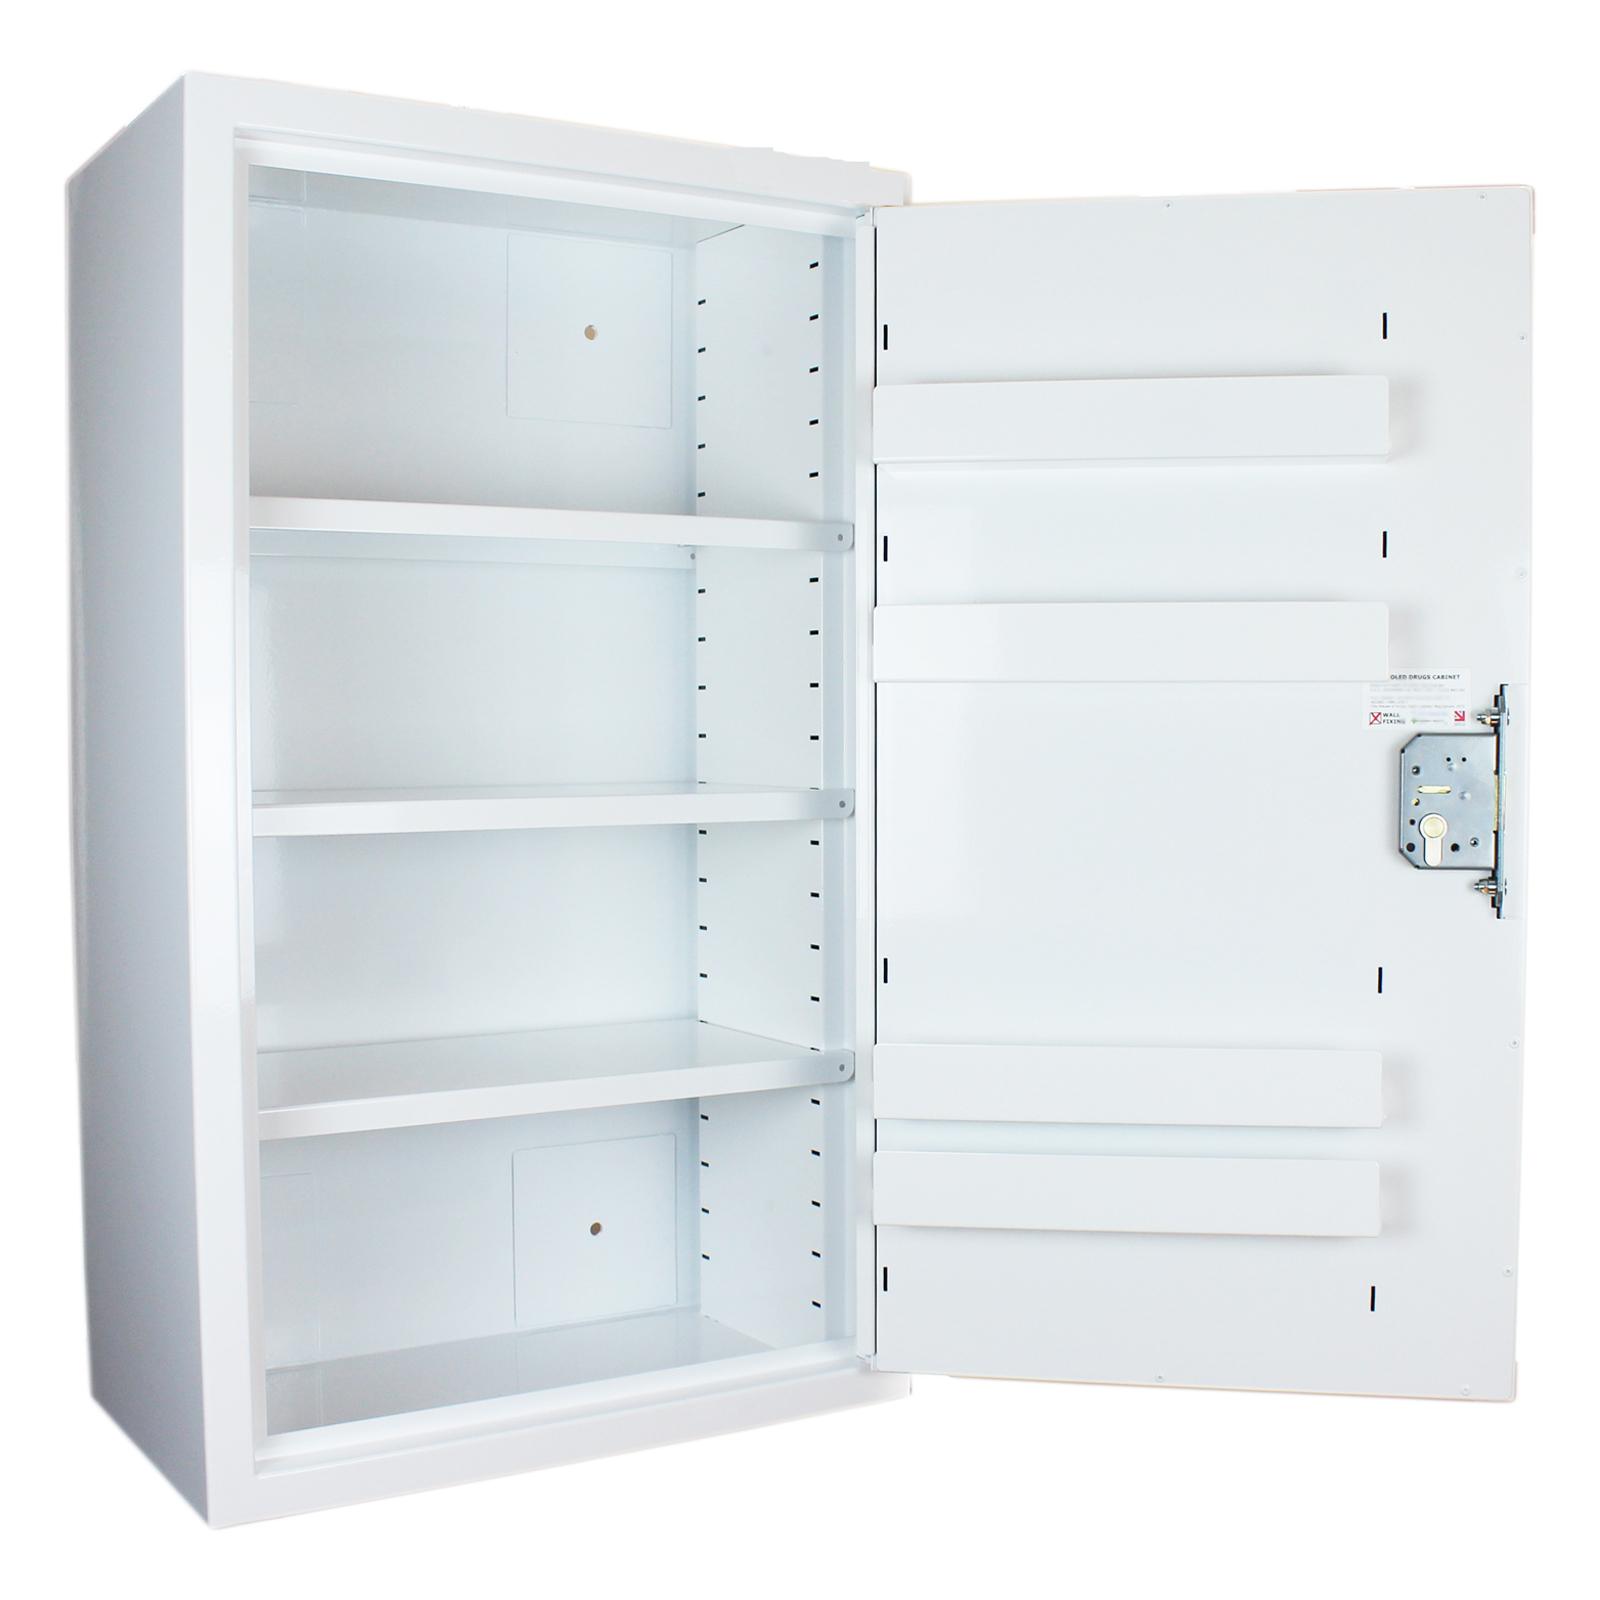 FPD 12148 controlled drug cupboard open door 127.5 litre